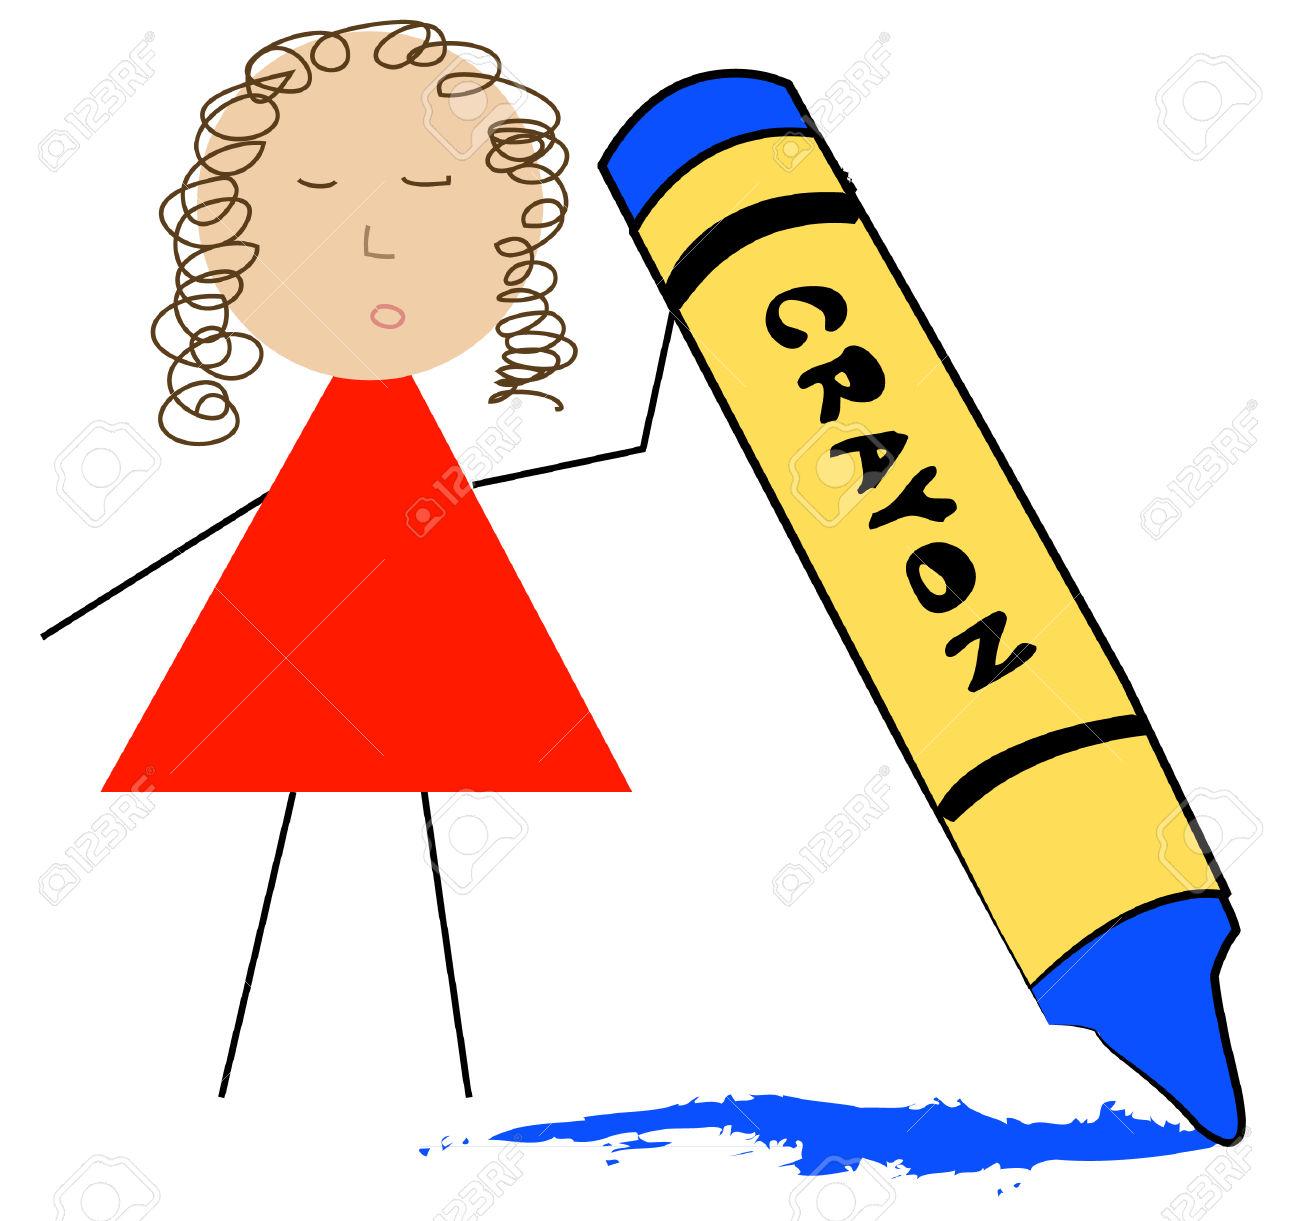 Stick Figure Teacher Holding Up Wax Crayon.